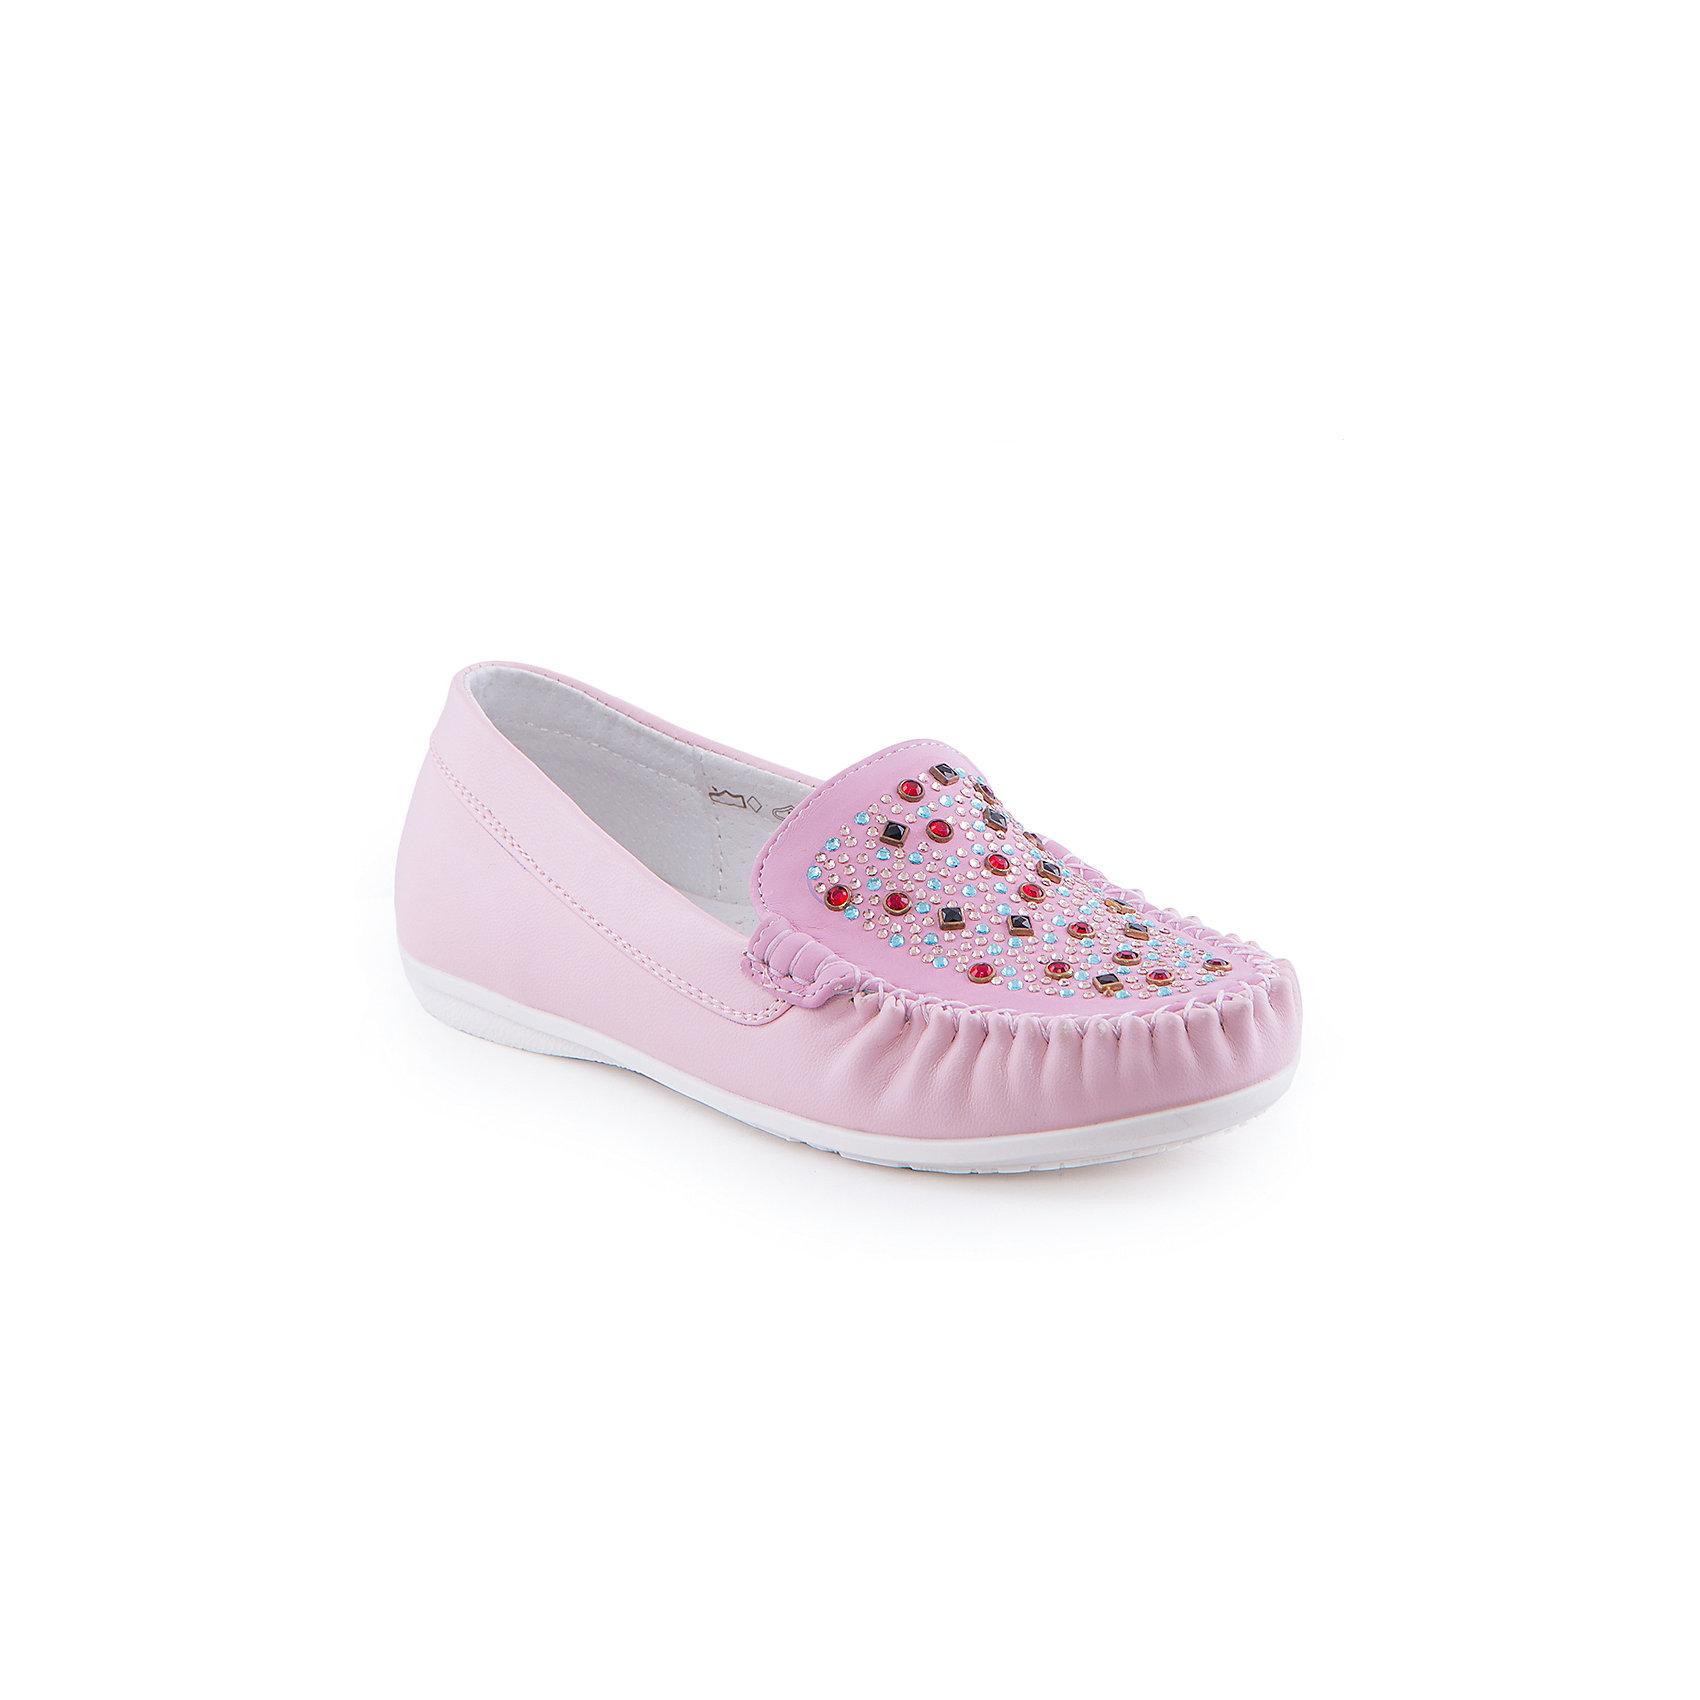 Мокасины для девочки Indigo kidsМокасины<br>Мокасины для девочки от известного бренда Indigo kids.<br><br>Стильные мокасины  - прекрасный вариант обуви для теплого сезона. Они нарядные и модные, но в то же время очень удобные. Эту модель можно носить и с юбкой, и с шортами, и с джинсами. Такие туфли легко надеваются, комфортно садятся по ноге. <br><br>Особенности модели:<br><br>- цвет: розовый;<br>- стильный дизайн;<br>- удобная колодка;<br>- подкладка из натуральной кожи;<br>- украшены стразами;<br>- подошва устойчивая, нескользящая;<br>- прошивка;<br>- без застежек.<br><br>Дополнительная информация:<br><br>Состав:<br><br>верх – искусственная кожа;<br>подкладка - натуральная кожа;<br>подошва - ТЭП.<br><br>Мокасины для девочки Indigo kids (Индиго Кидс) можно купить в нашем магазине.<br><br>Ширина мм: 227<br>Глубина мм: 145<br>Высота мм: 124<br>Вес г: 325<br>Цвет: розовый<br>Возраст от месяцев: 132<br>Возраст до месяцев: 144<br>Пол: Женский<br>Возраст: Детский<br>Размер: 35,34,36,31,32,33<br>SKU: 4519901